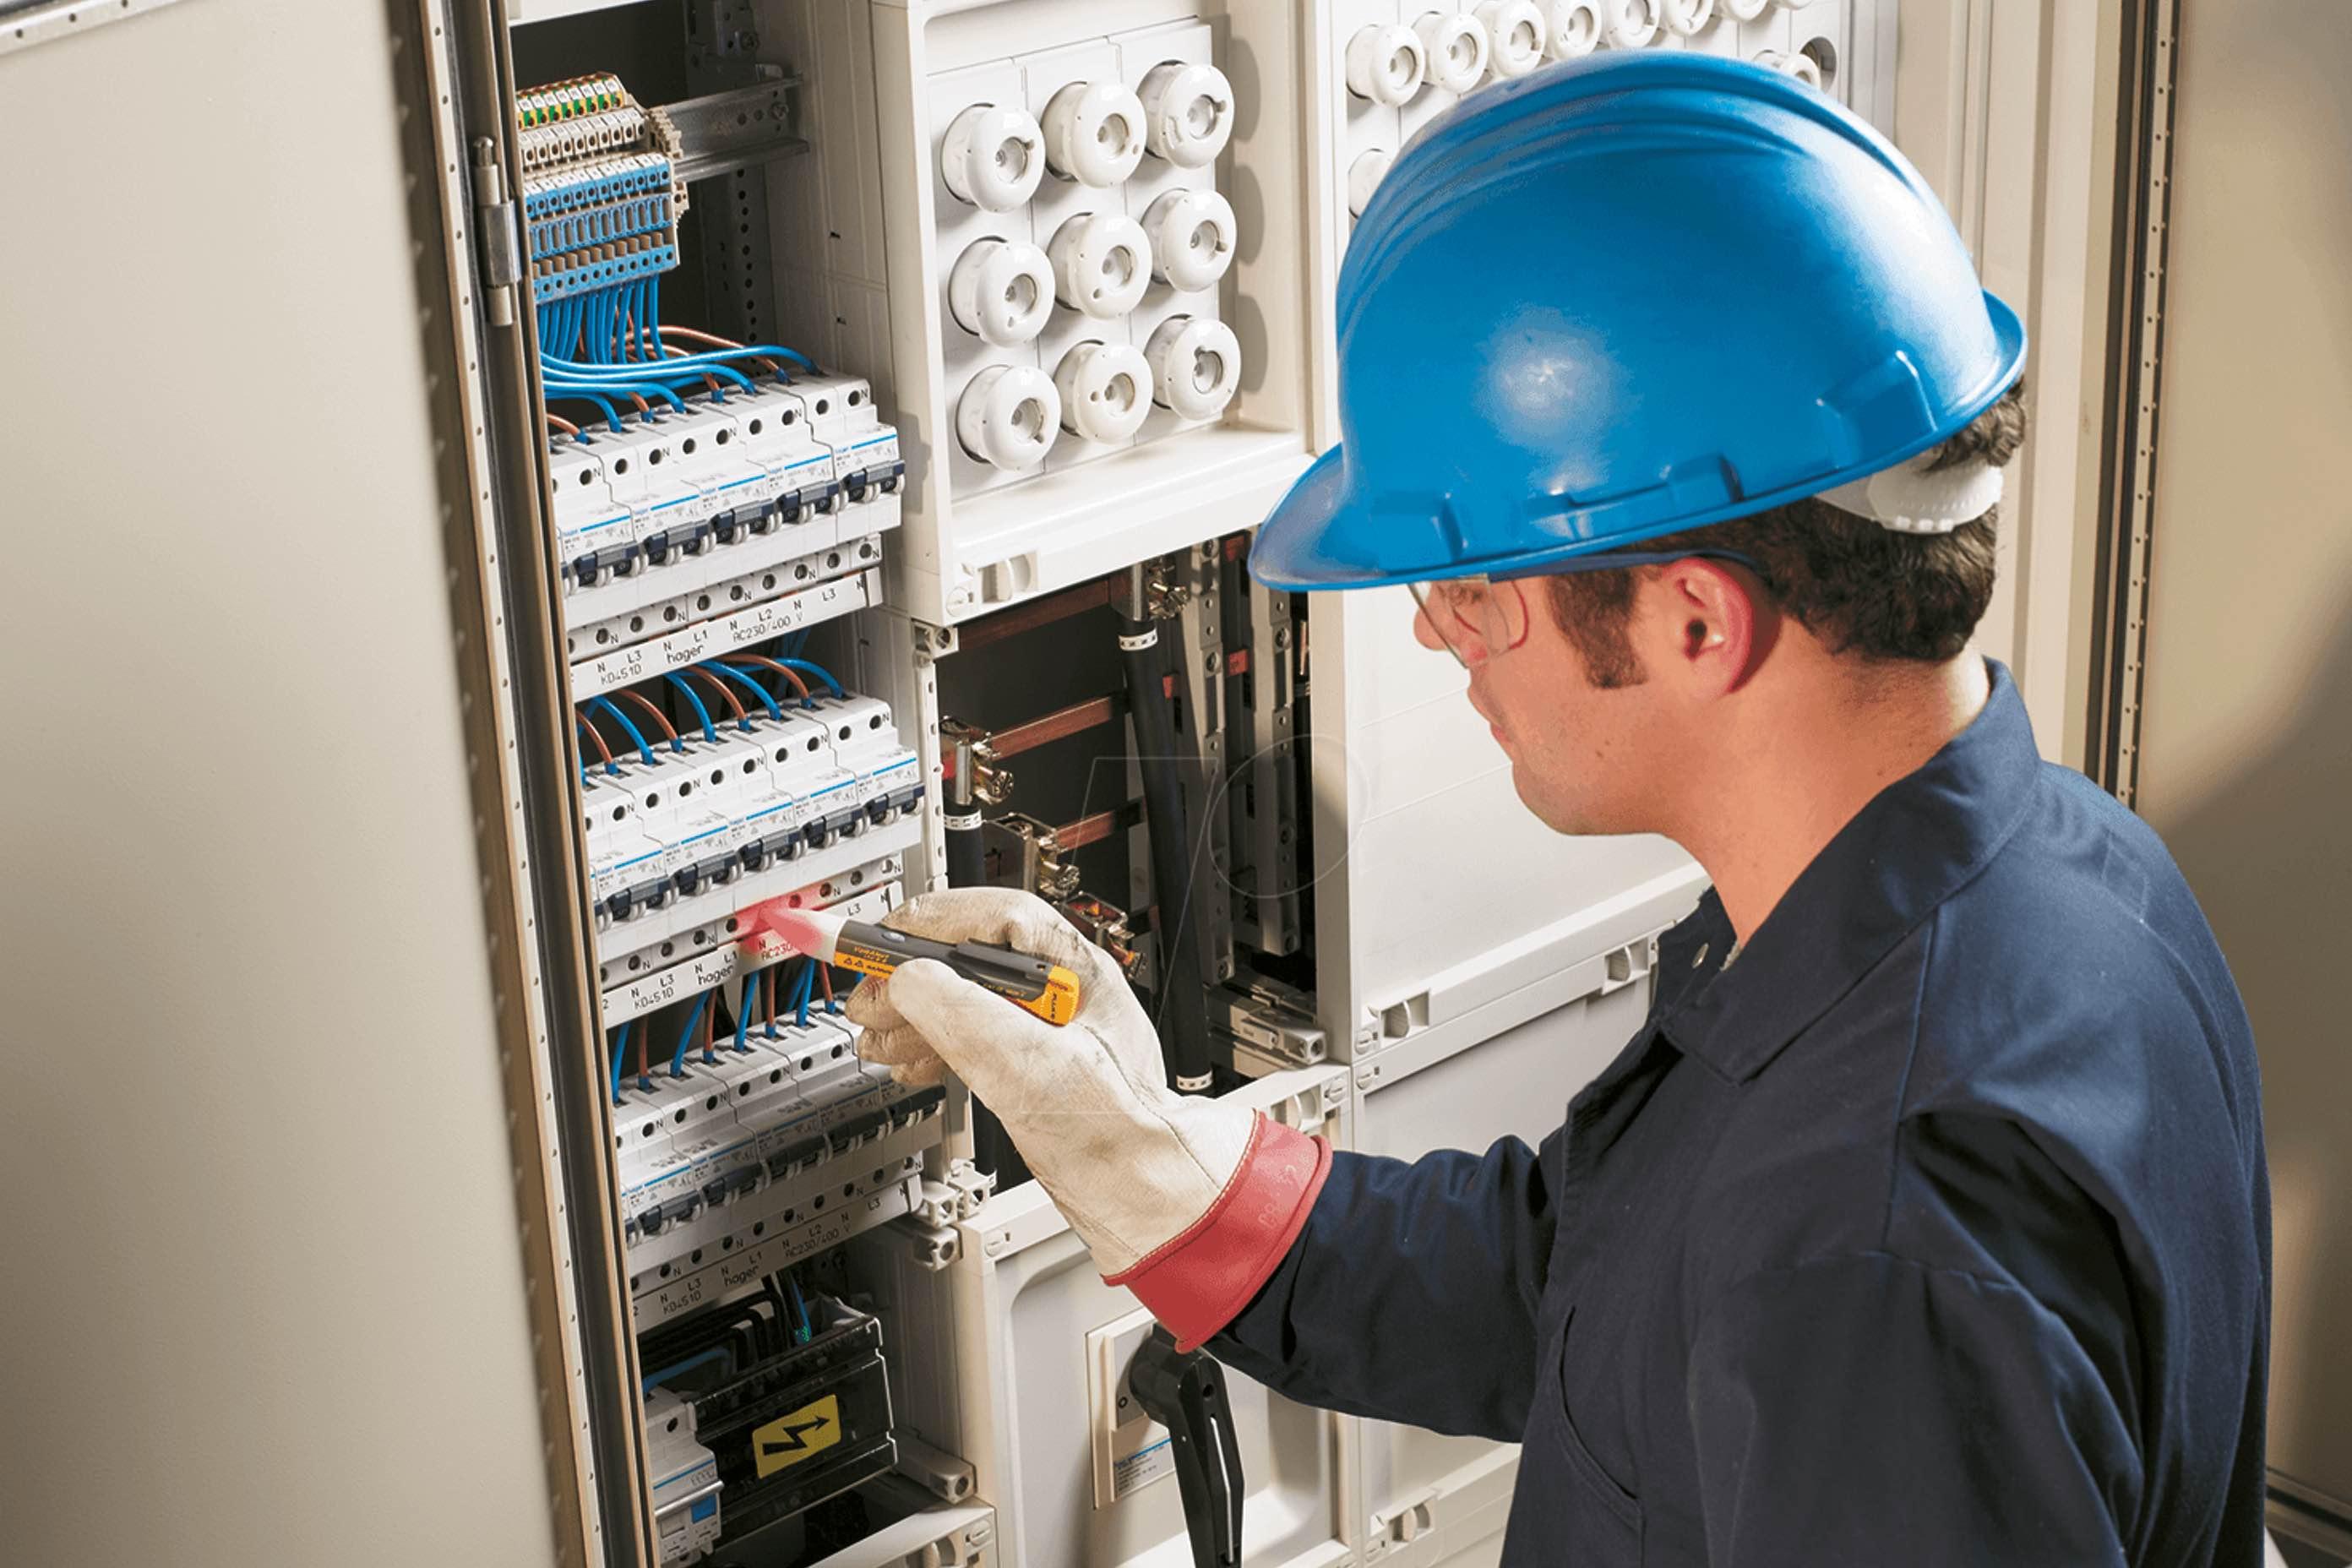 Организация и безопасное выполнение работ в электроустановках, выполнение организационных и технических мероприятий для обеспечения безопасного производства работ